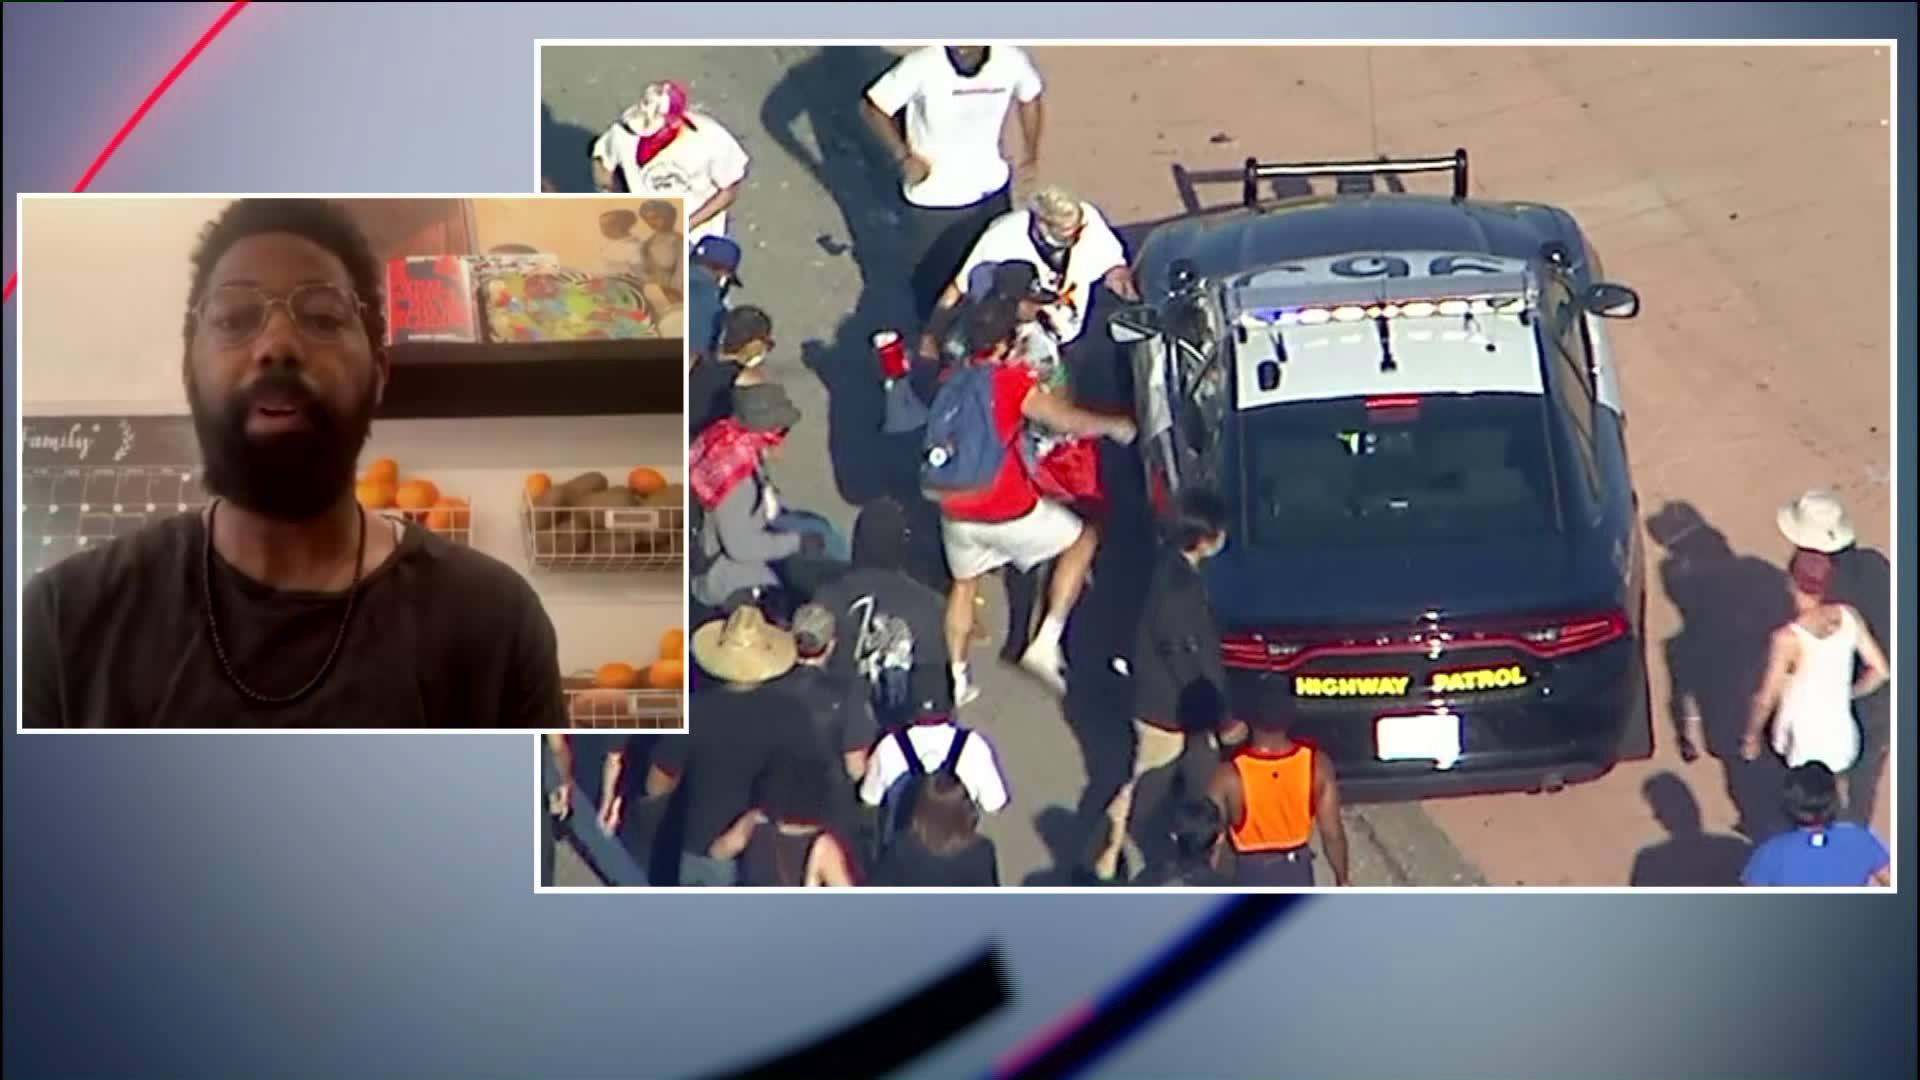 4 US cops sacked after black man George Floyd dies in Minneapolis as one of them kneels on his neck